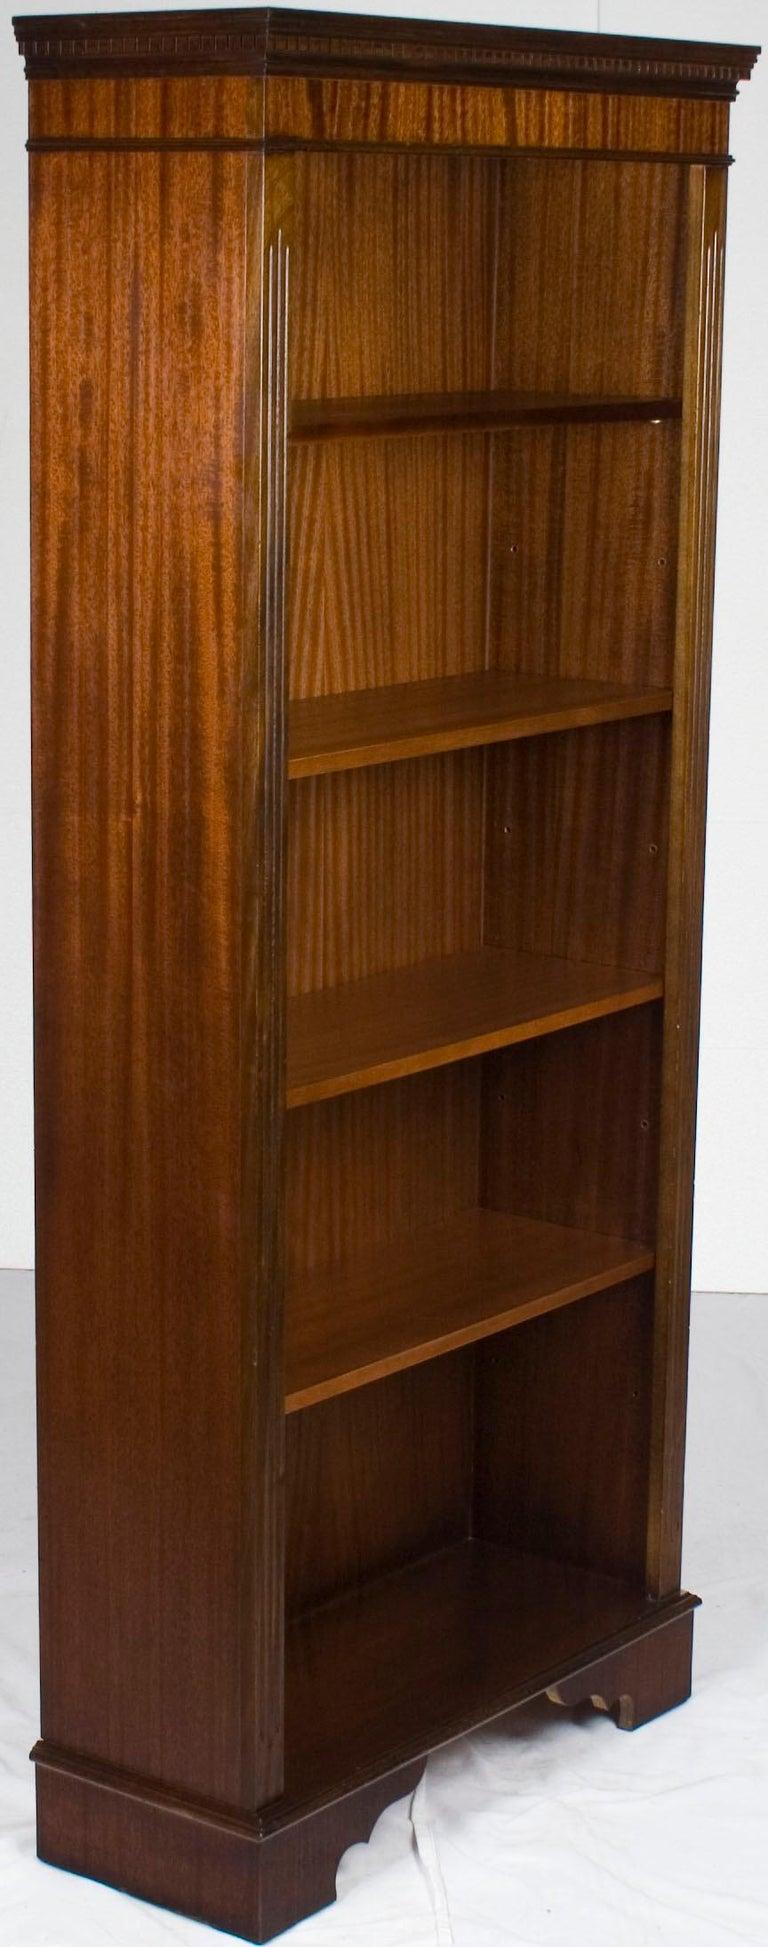 Tall Narrow Open Adjustable Mahogany Bookcase Bookshelf ...